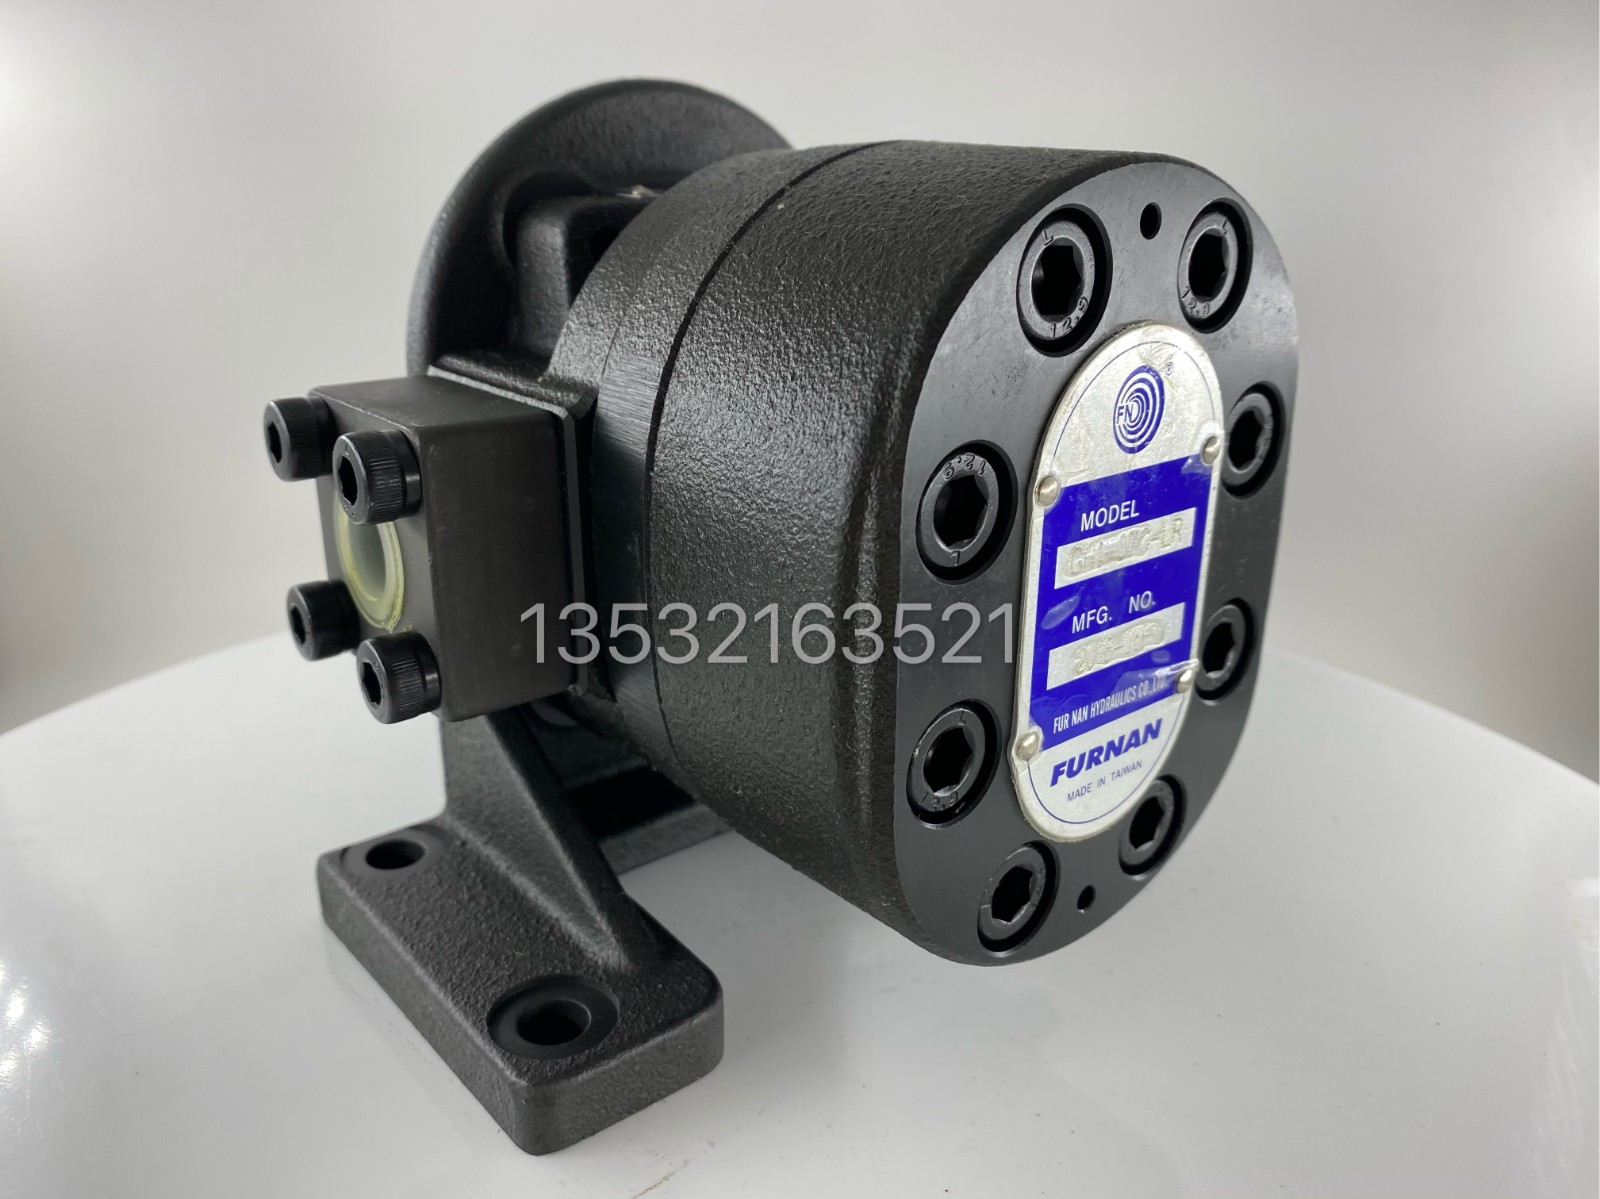 台湾 FURNAN福南齿轮泵维修VPKCC-F4040A4A4-01